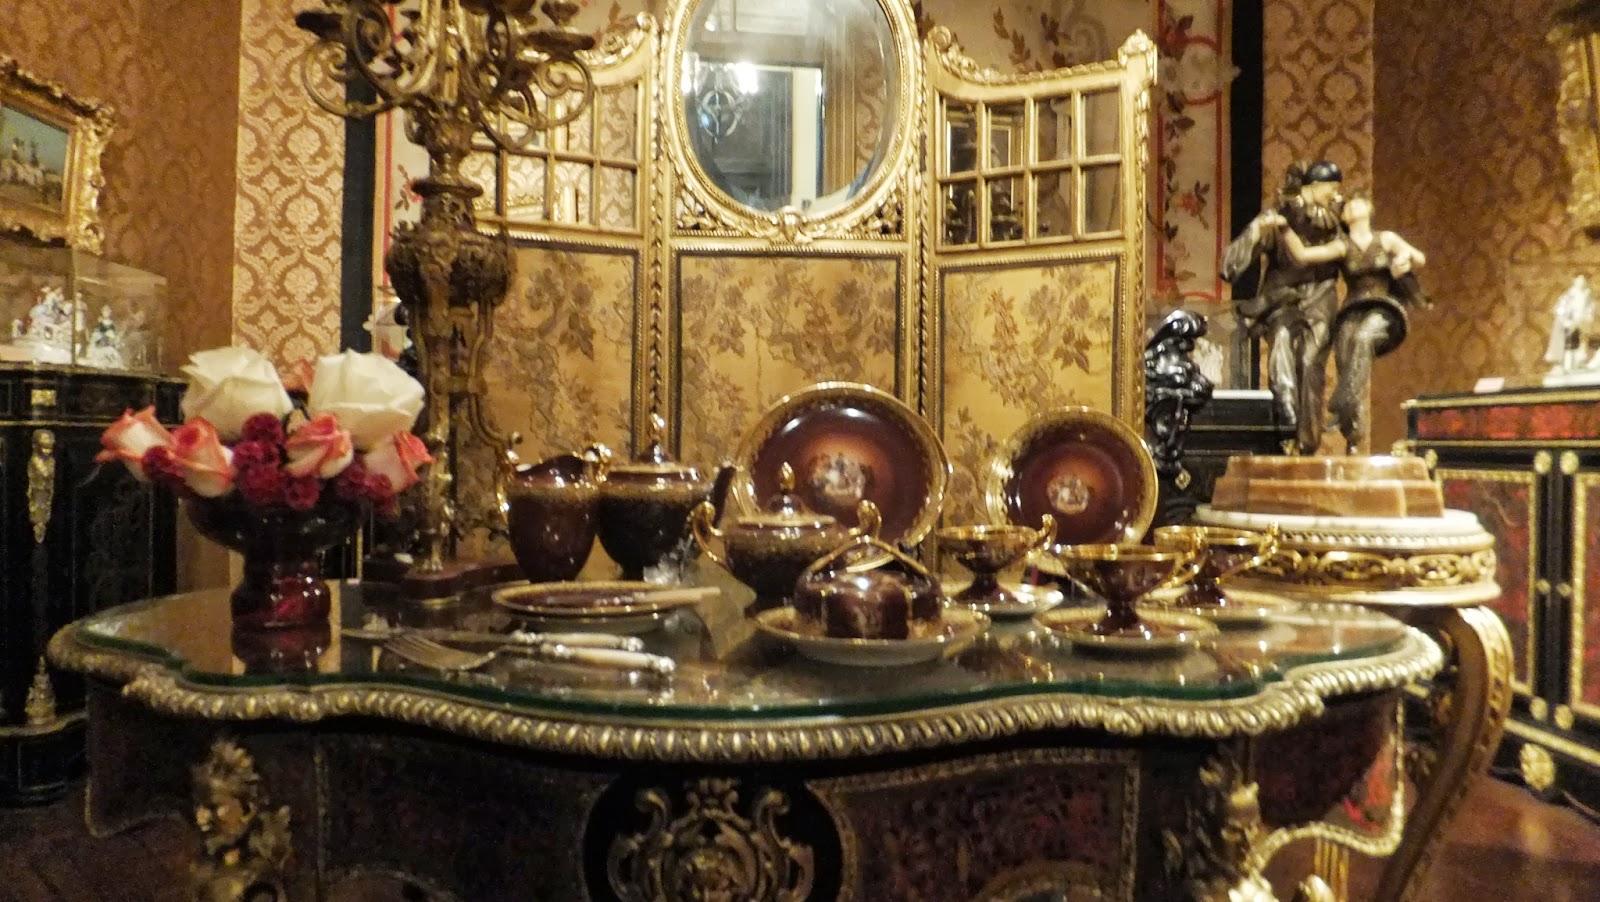 Museo Firma y Odilo Estevez, Museo de Arte Decorativo de Rosario, Argentina, Rosario Gastronómica, Elisa N, Blog de Viajes, Lifestyle, Travel